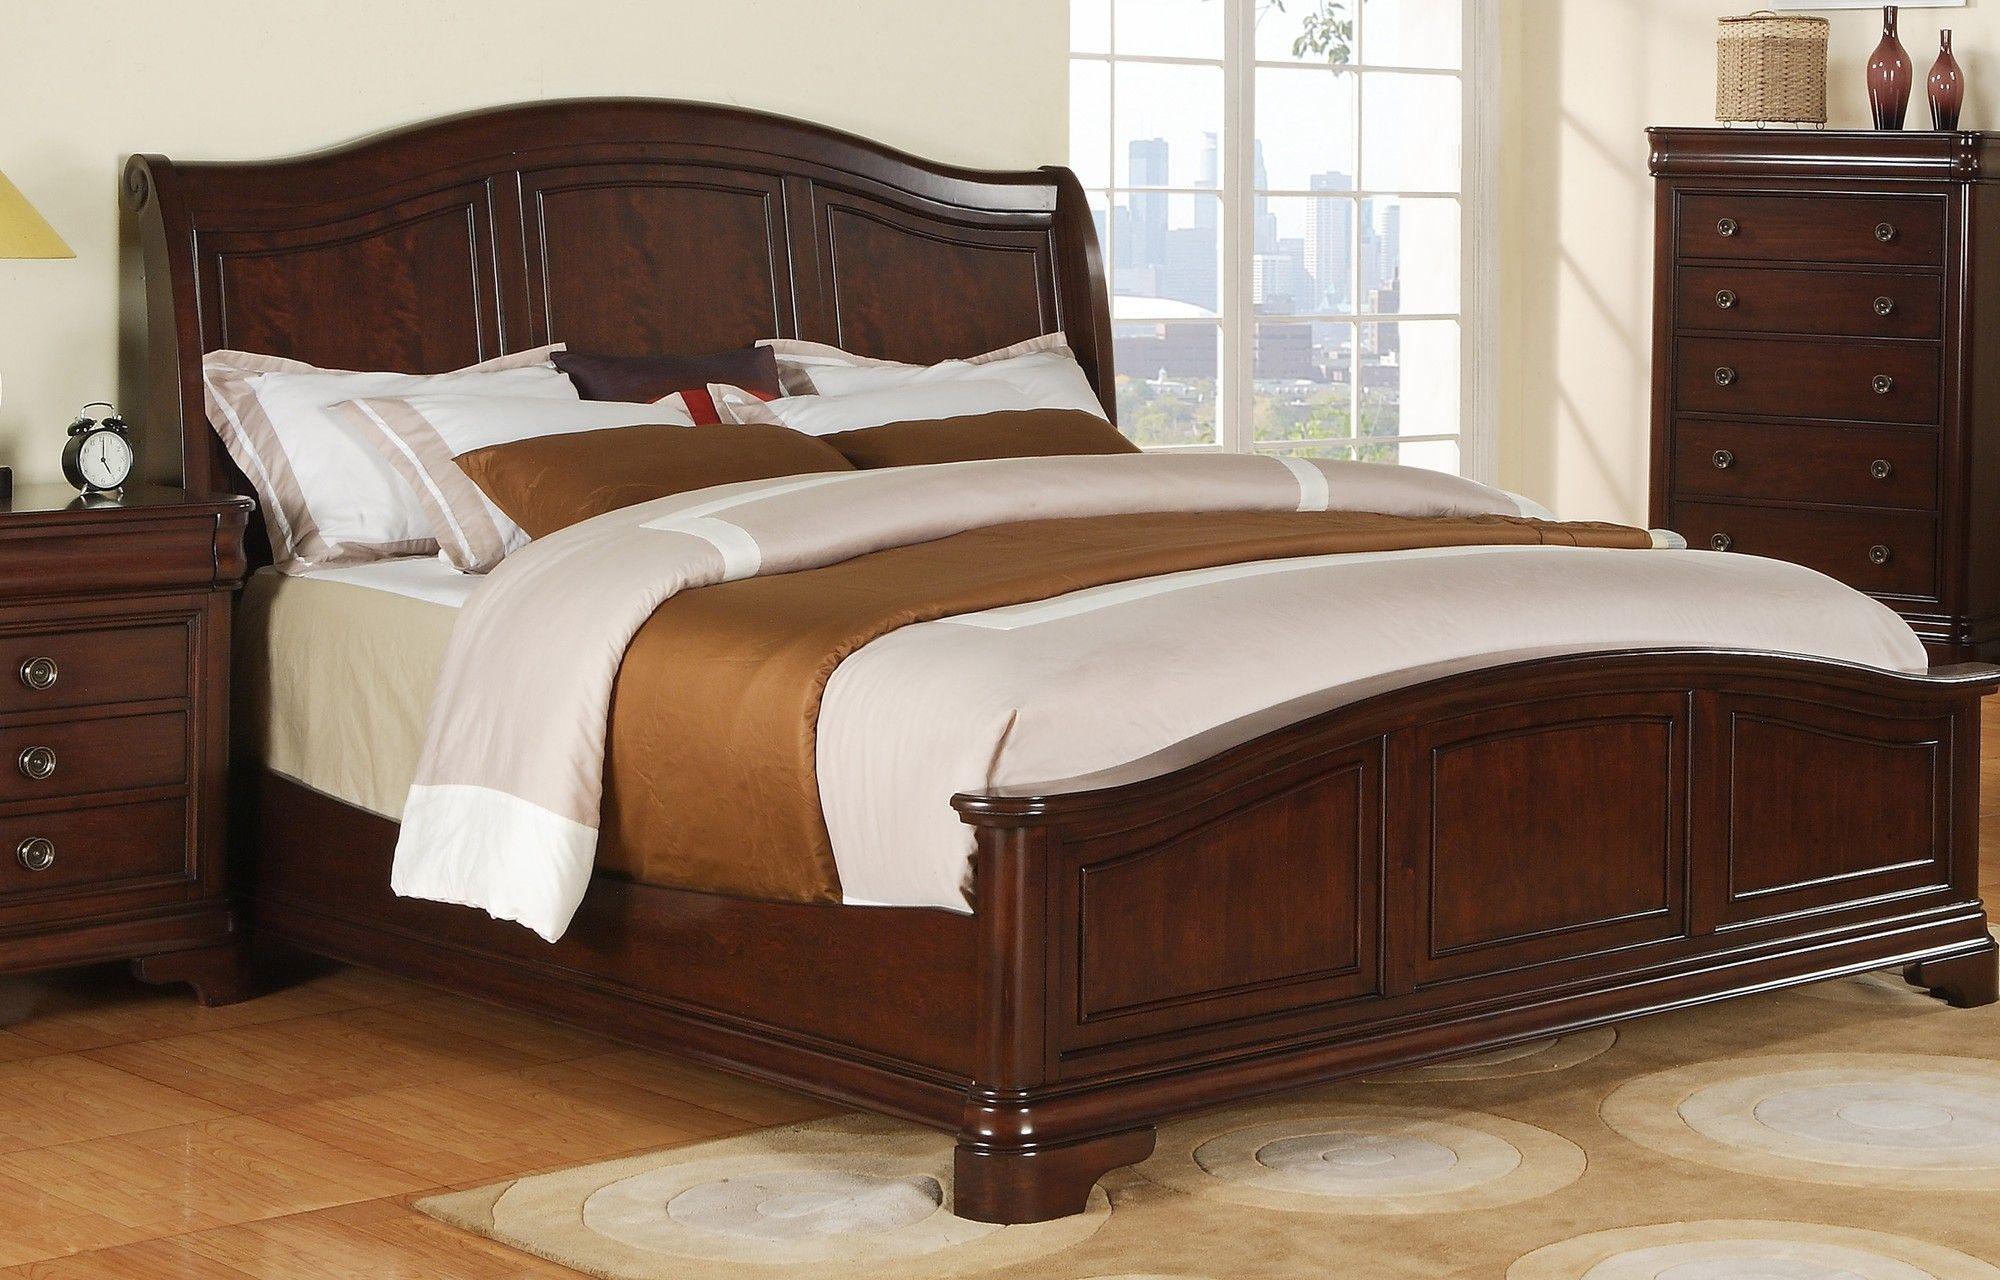 macdougall 5 drawer standard chest lit chambre classique mobilier de salon lits de